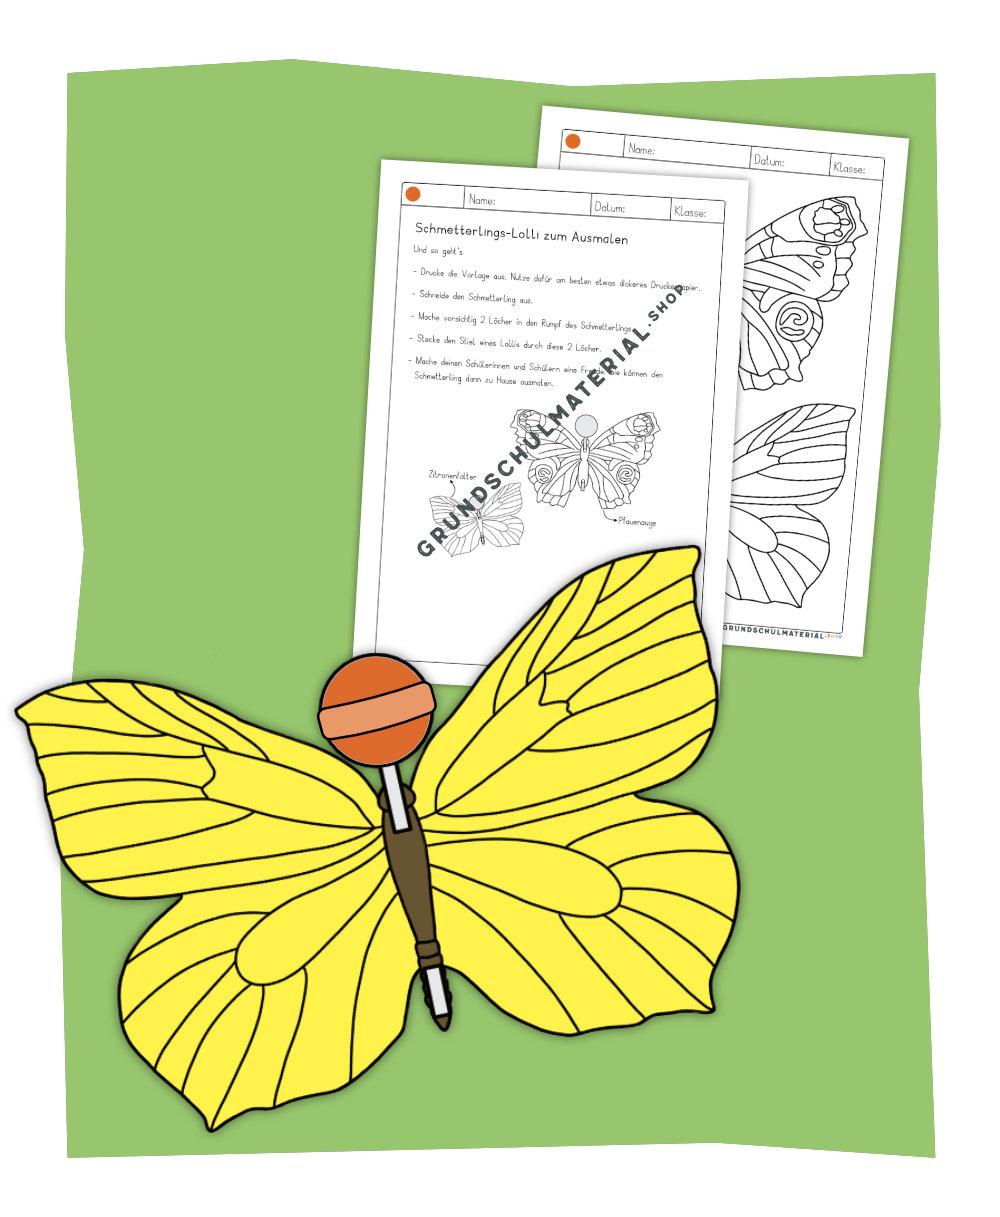 Schmetterlings-Lolli